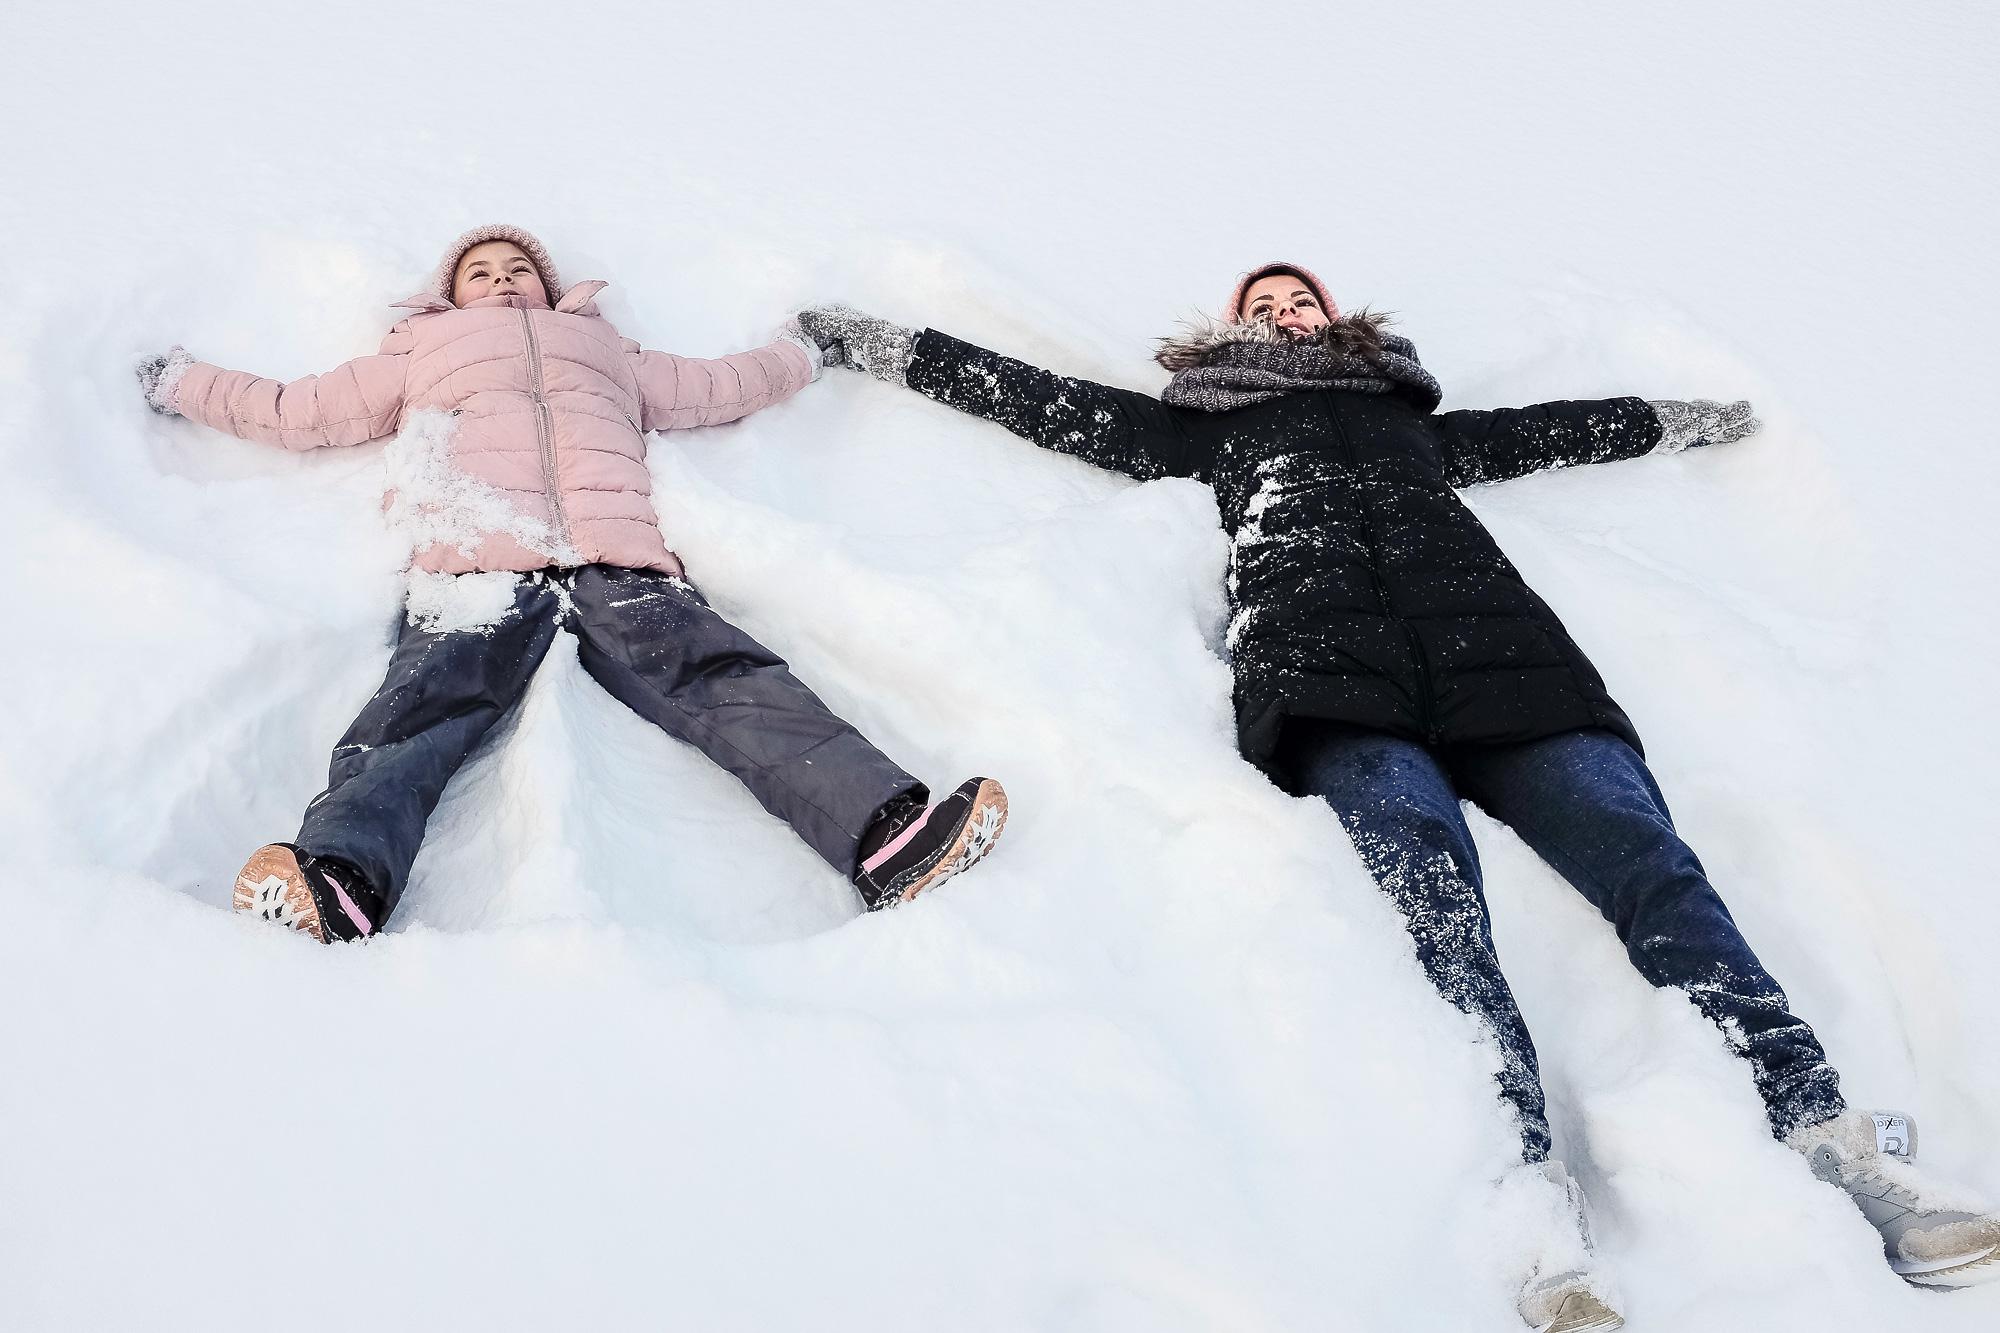 человек лежащий на снегу картинки актер